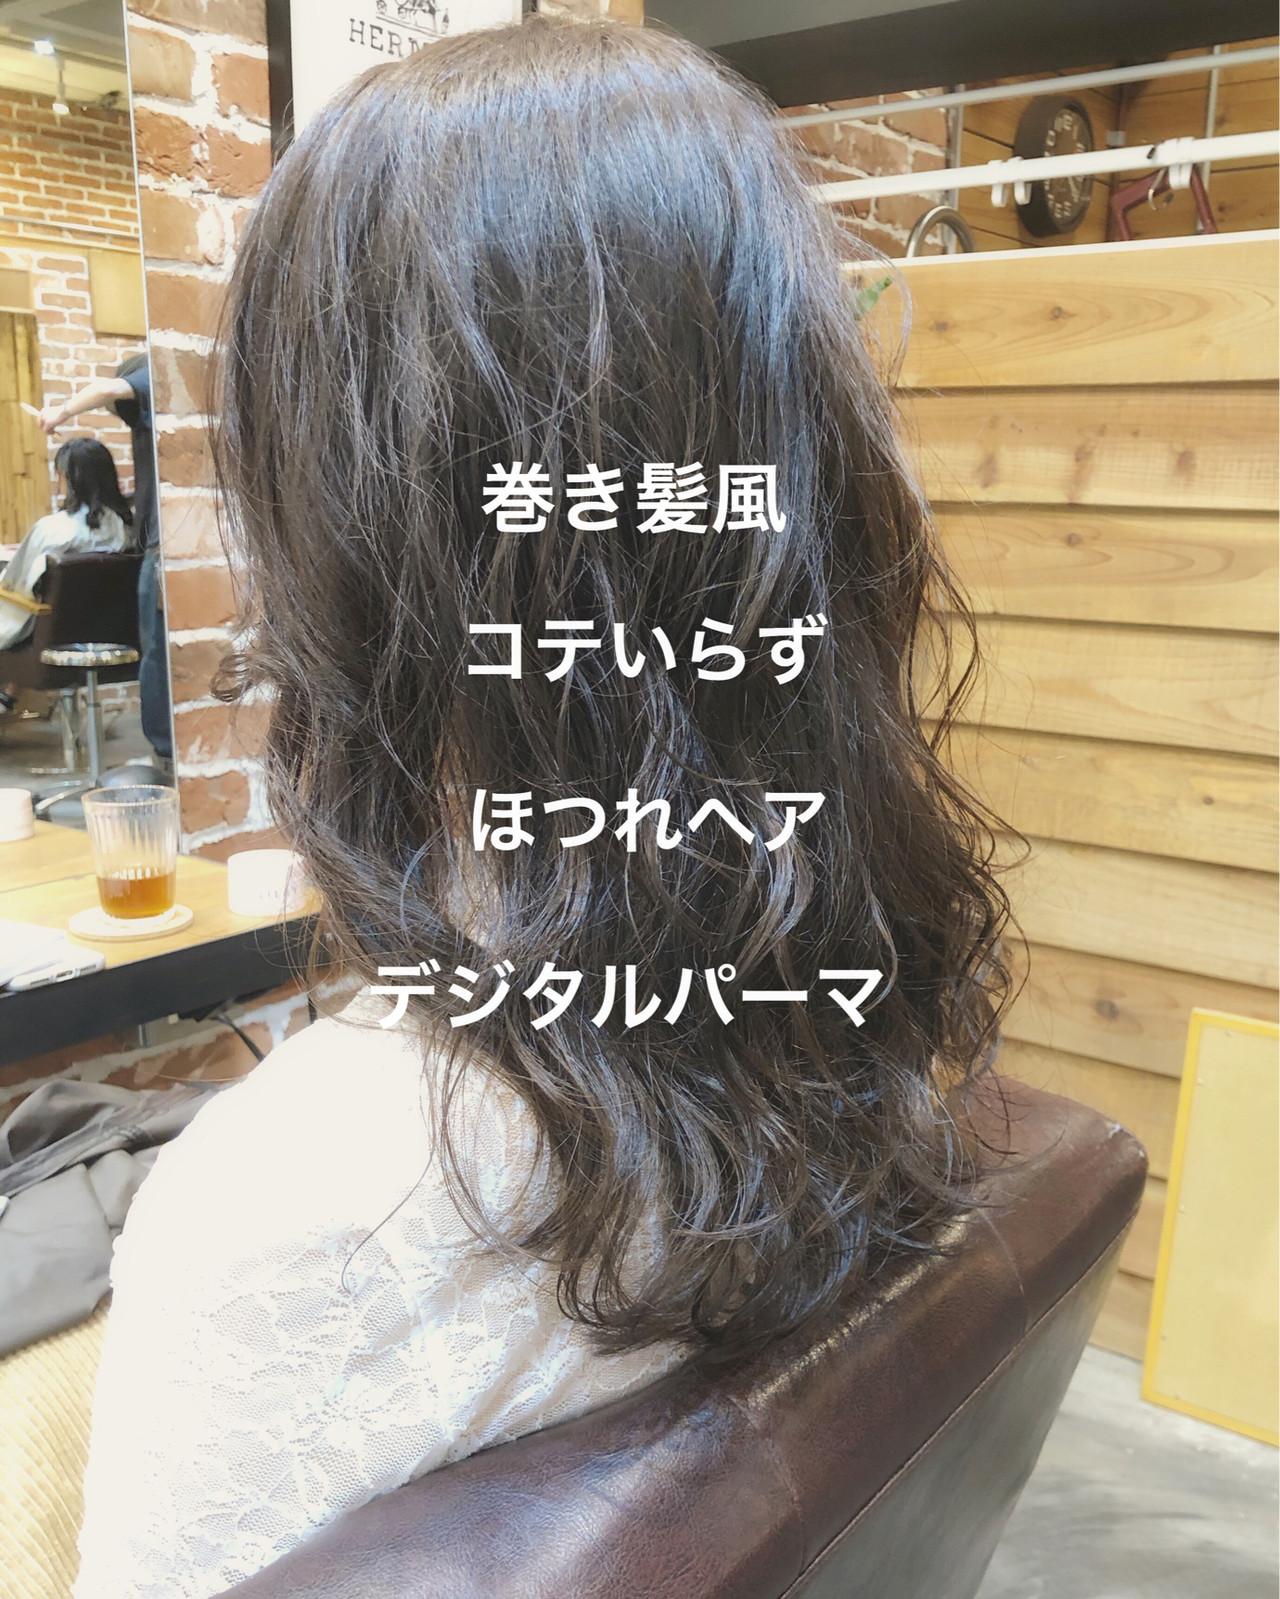 アンニュイほつれヘア ゆるふわ ナチュラル パーマ ヘアスタイルや髪型の写真・画像